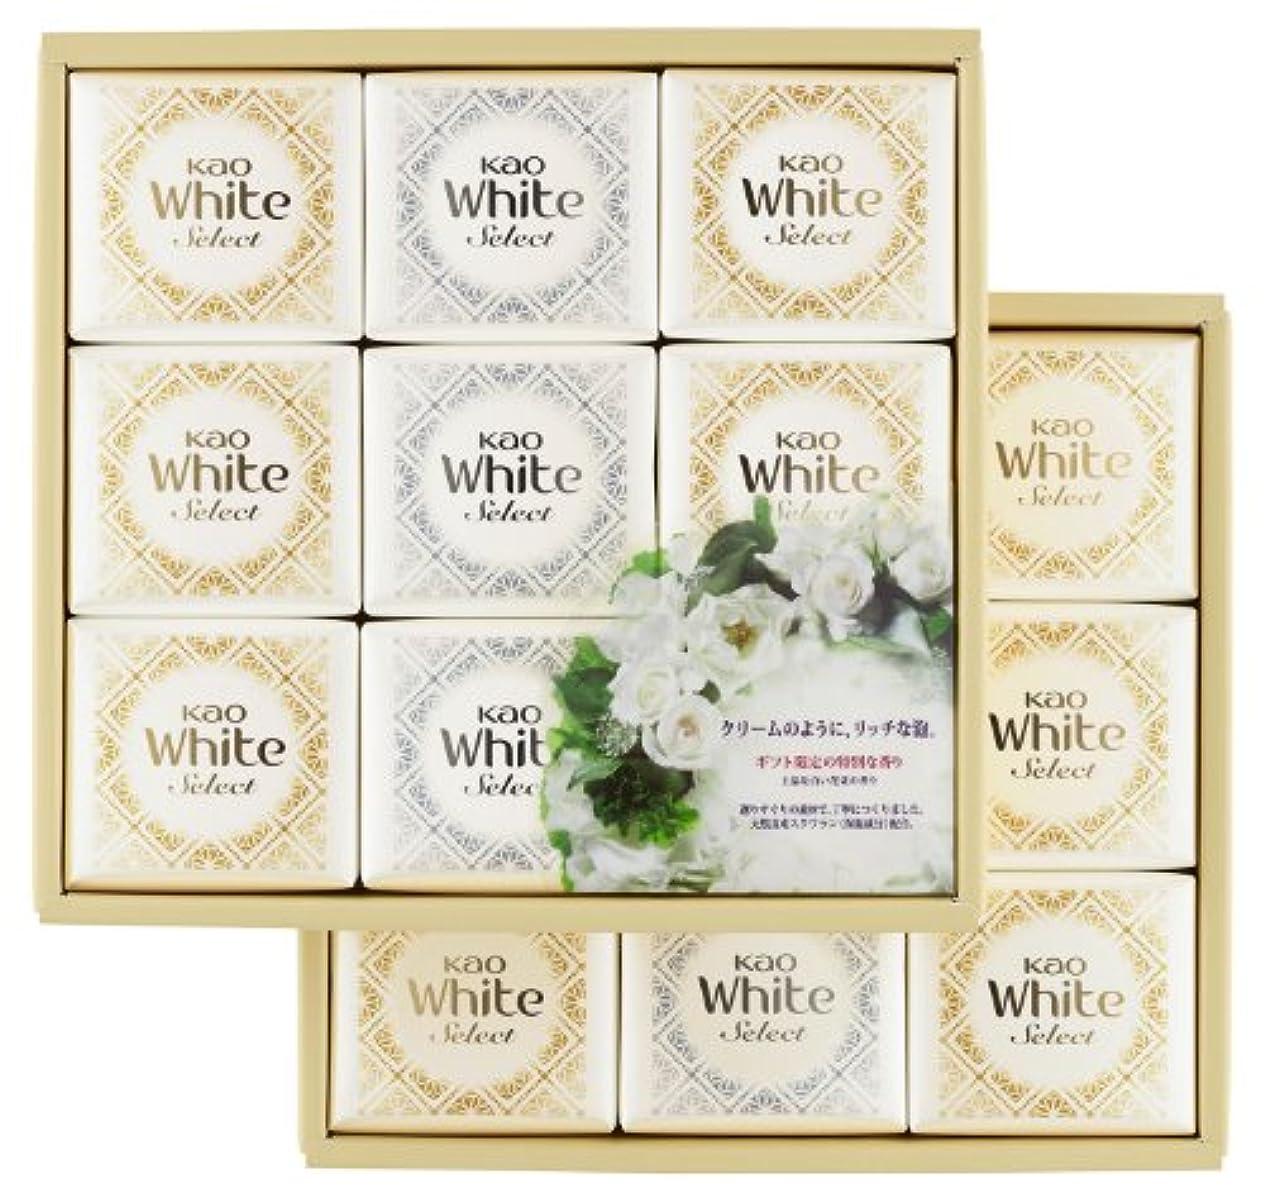 消す禁止スピーチ花王ホワイト セレクト 上品な白い花束の香り 85g 18コ K?WS-30